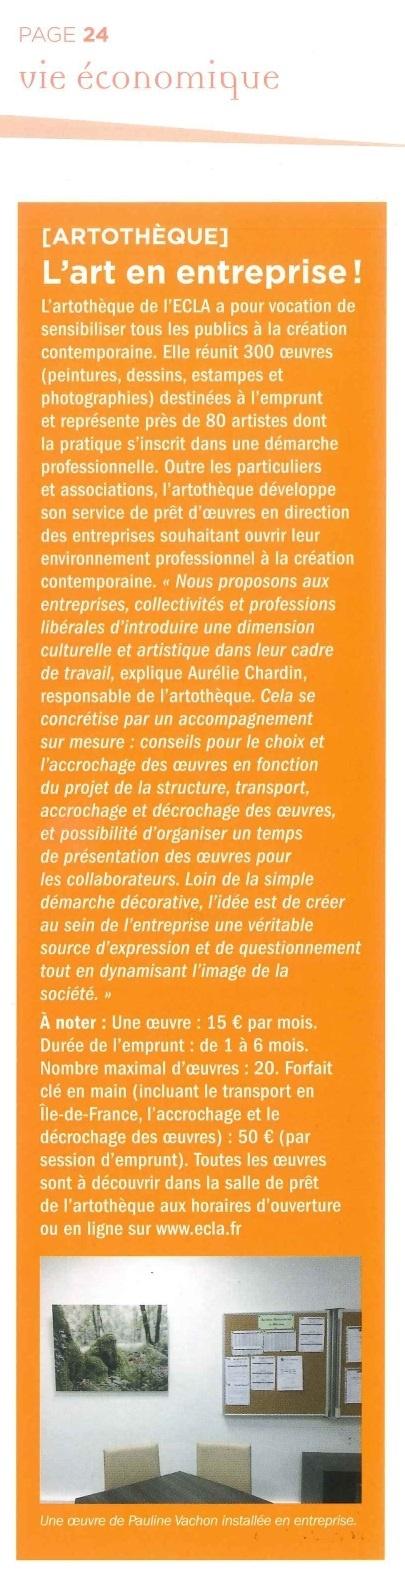 Article du Saint-Cloud Mag de février 2019 sur l'Artothèque